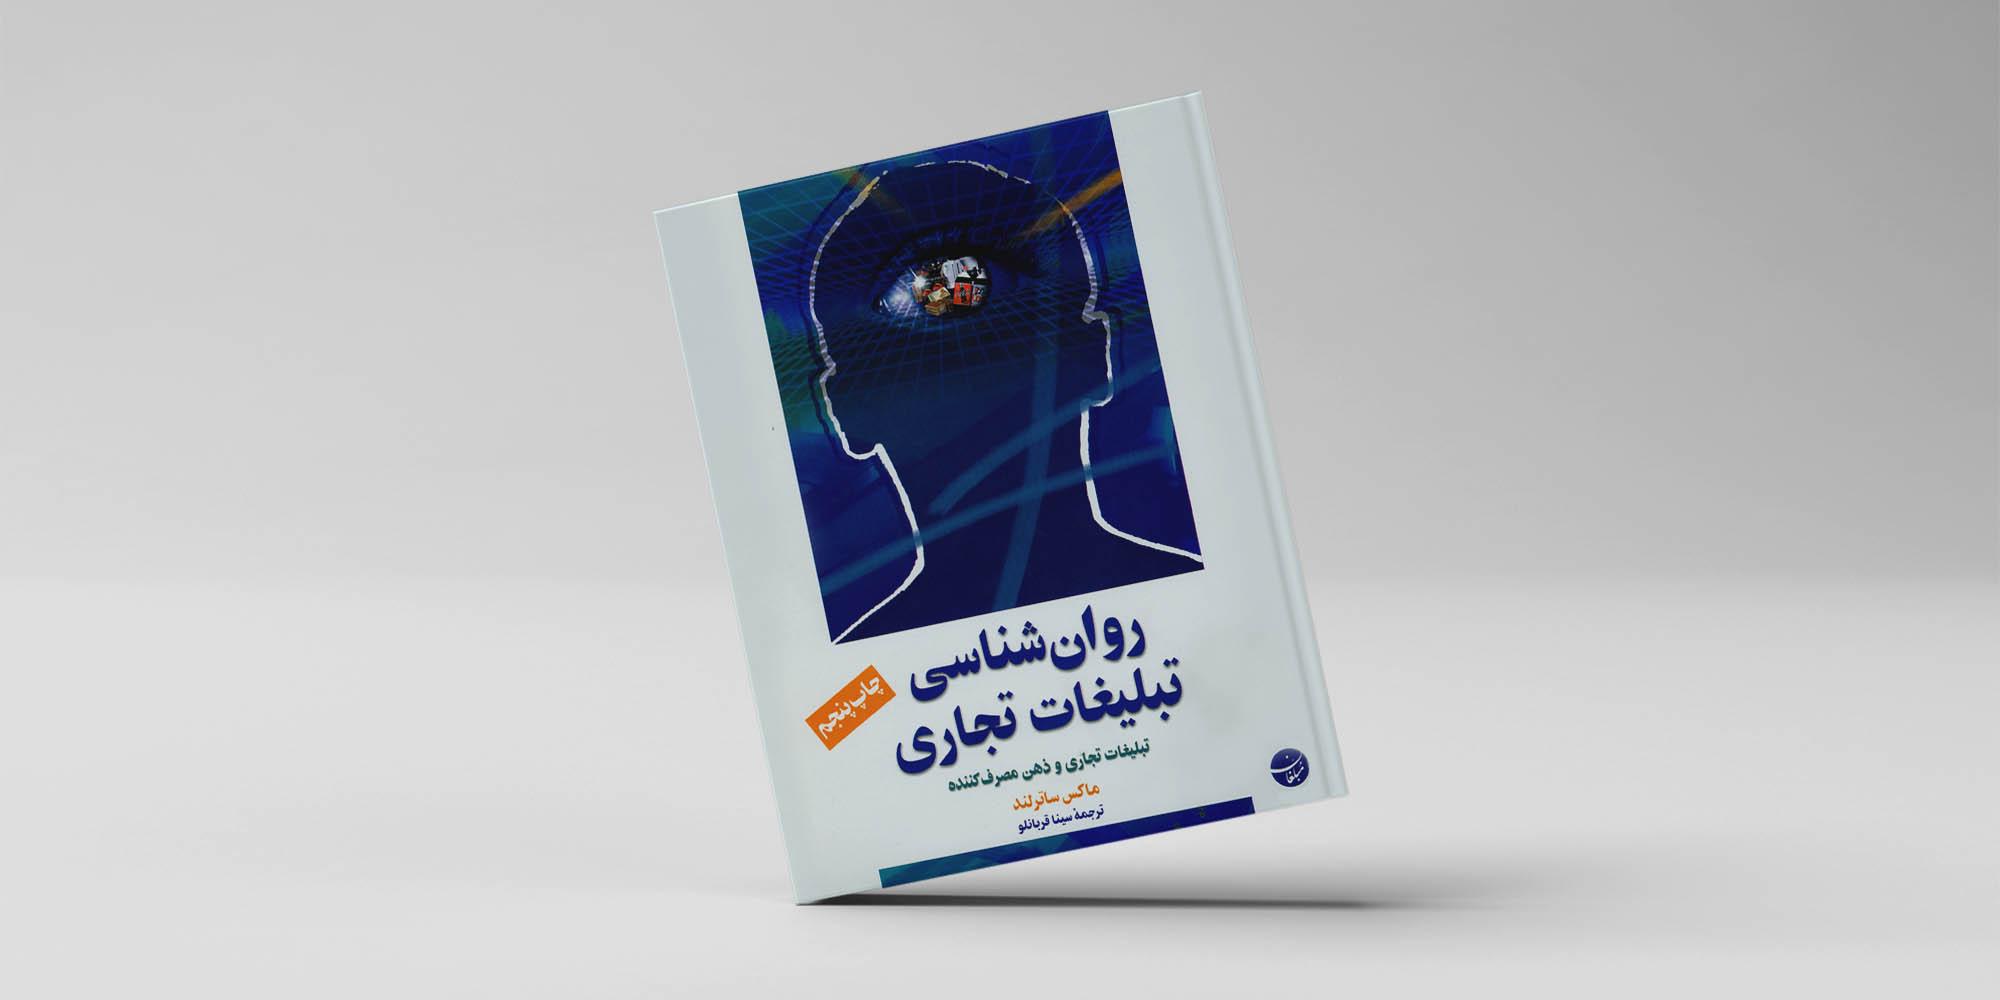 معرفی کتاب روانشناسی تبلیغات تجاری